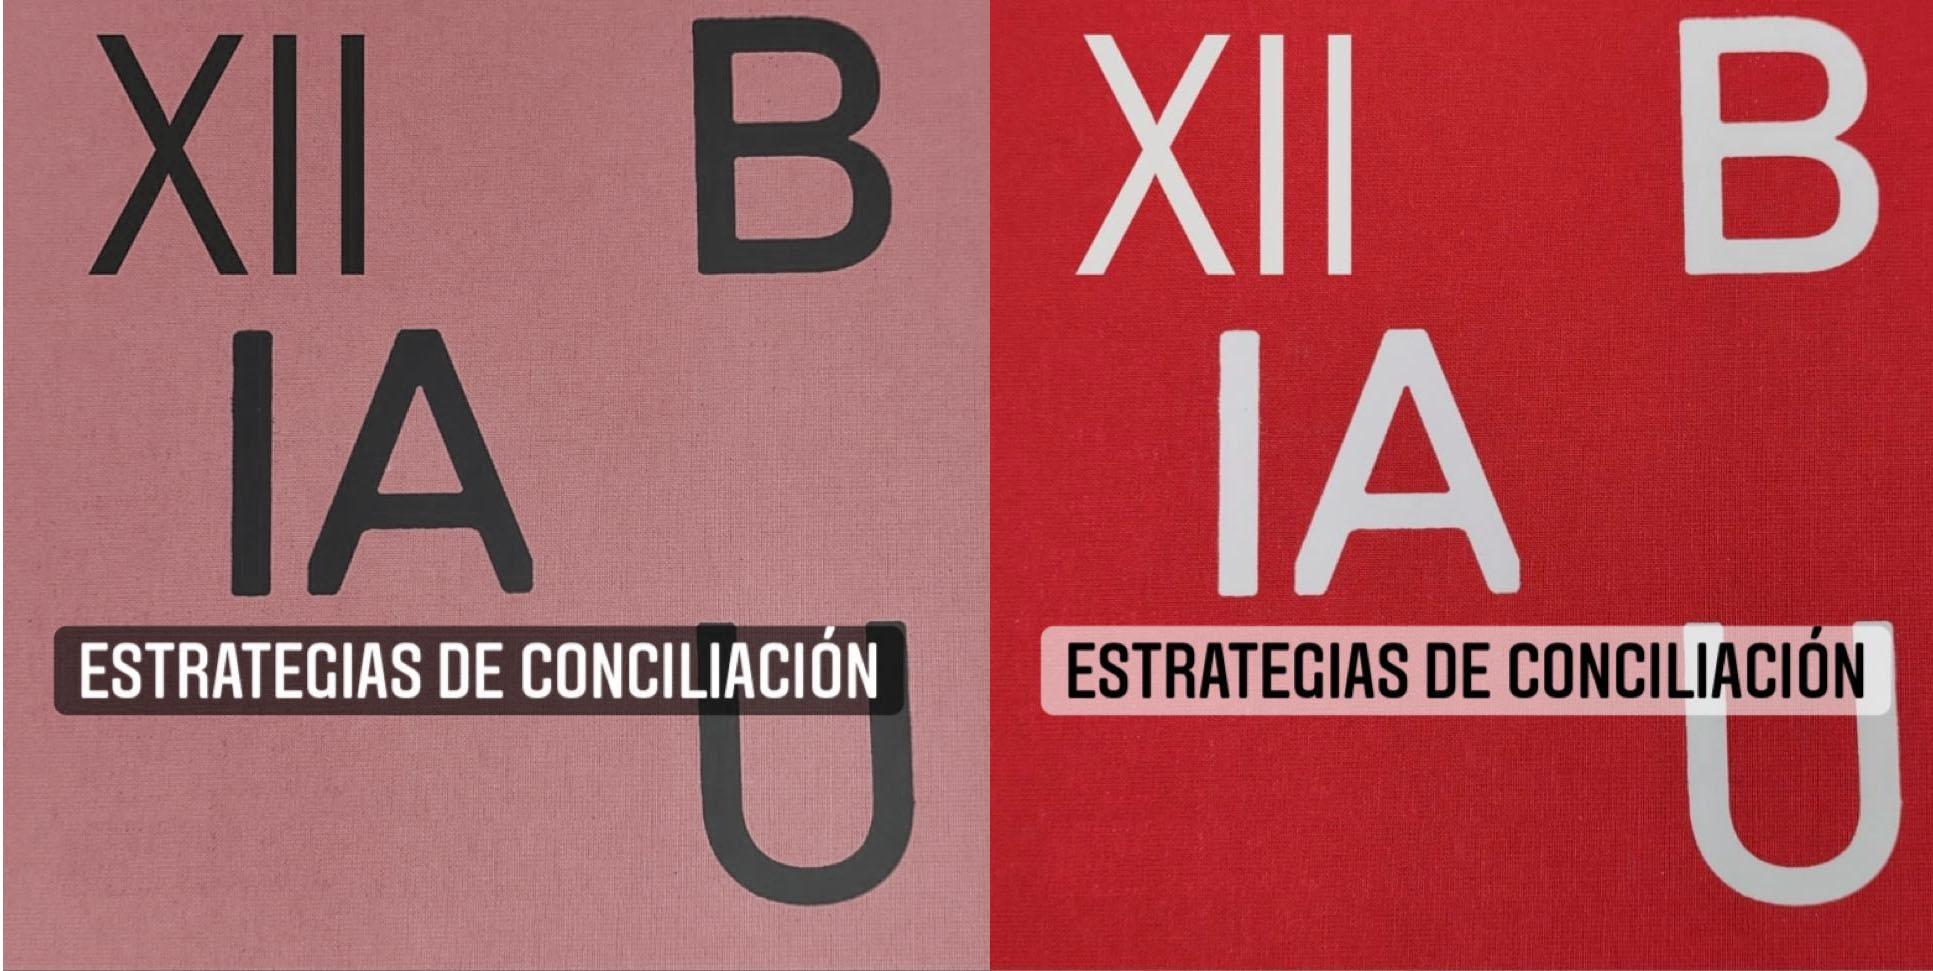 Imagen de detalle de Proceso de selección para el comisariado XII BIAU